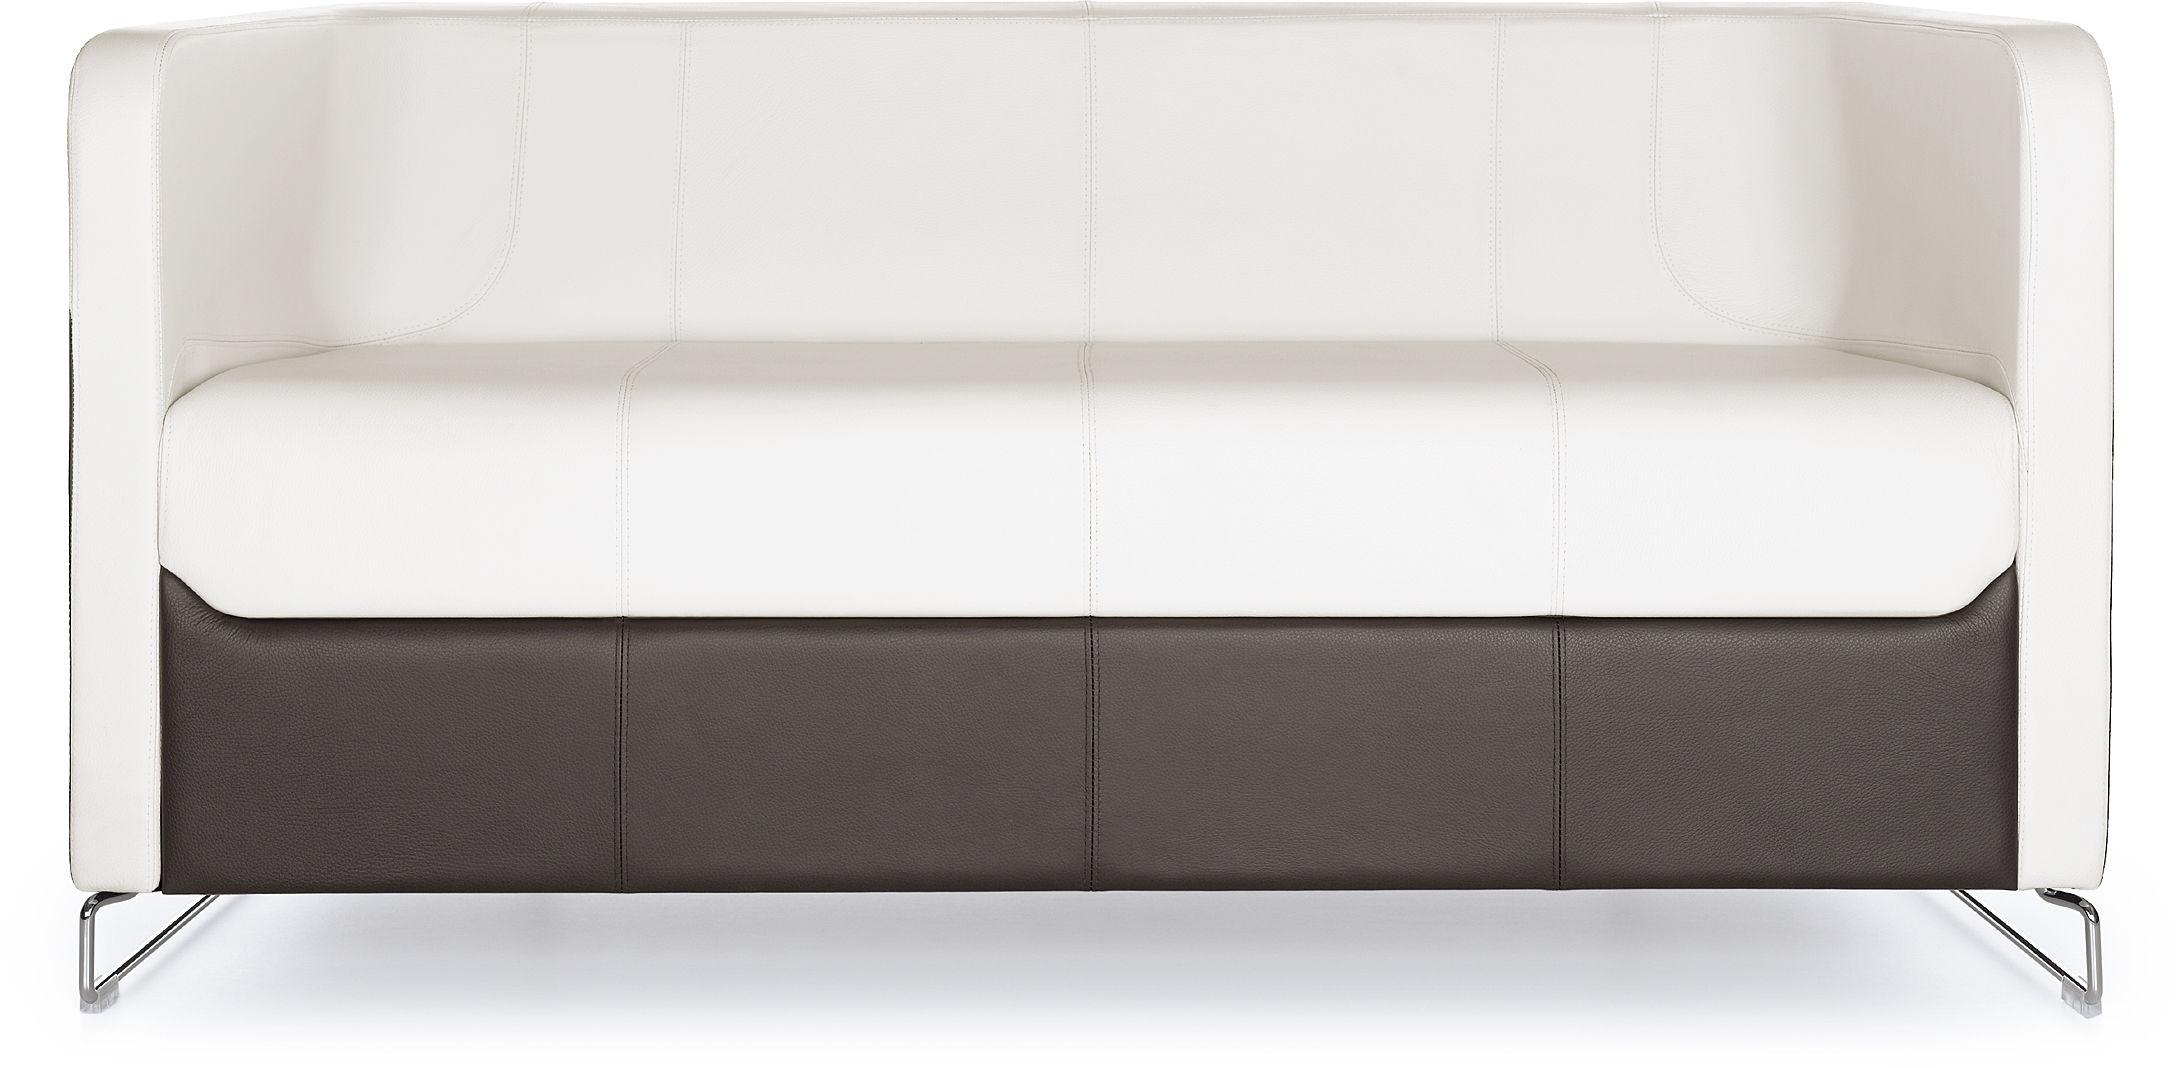 NOWY STYL Sofa Granite 2-osobowa